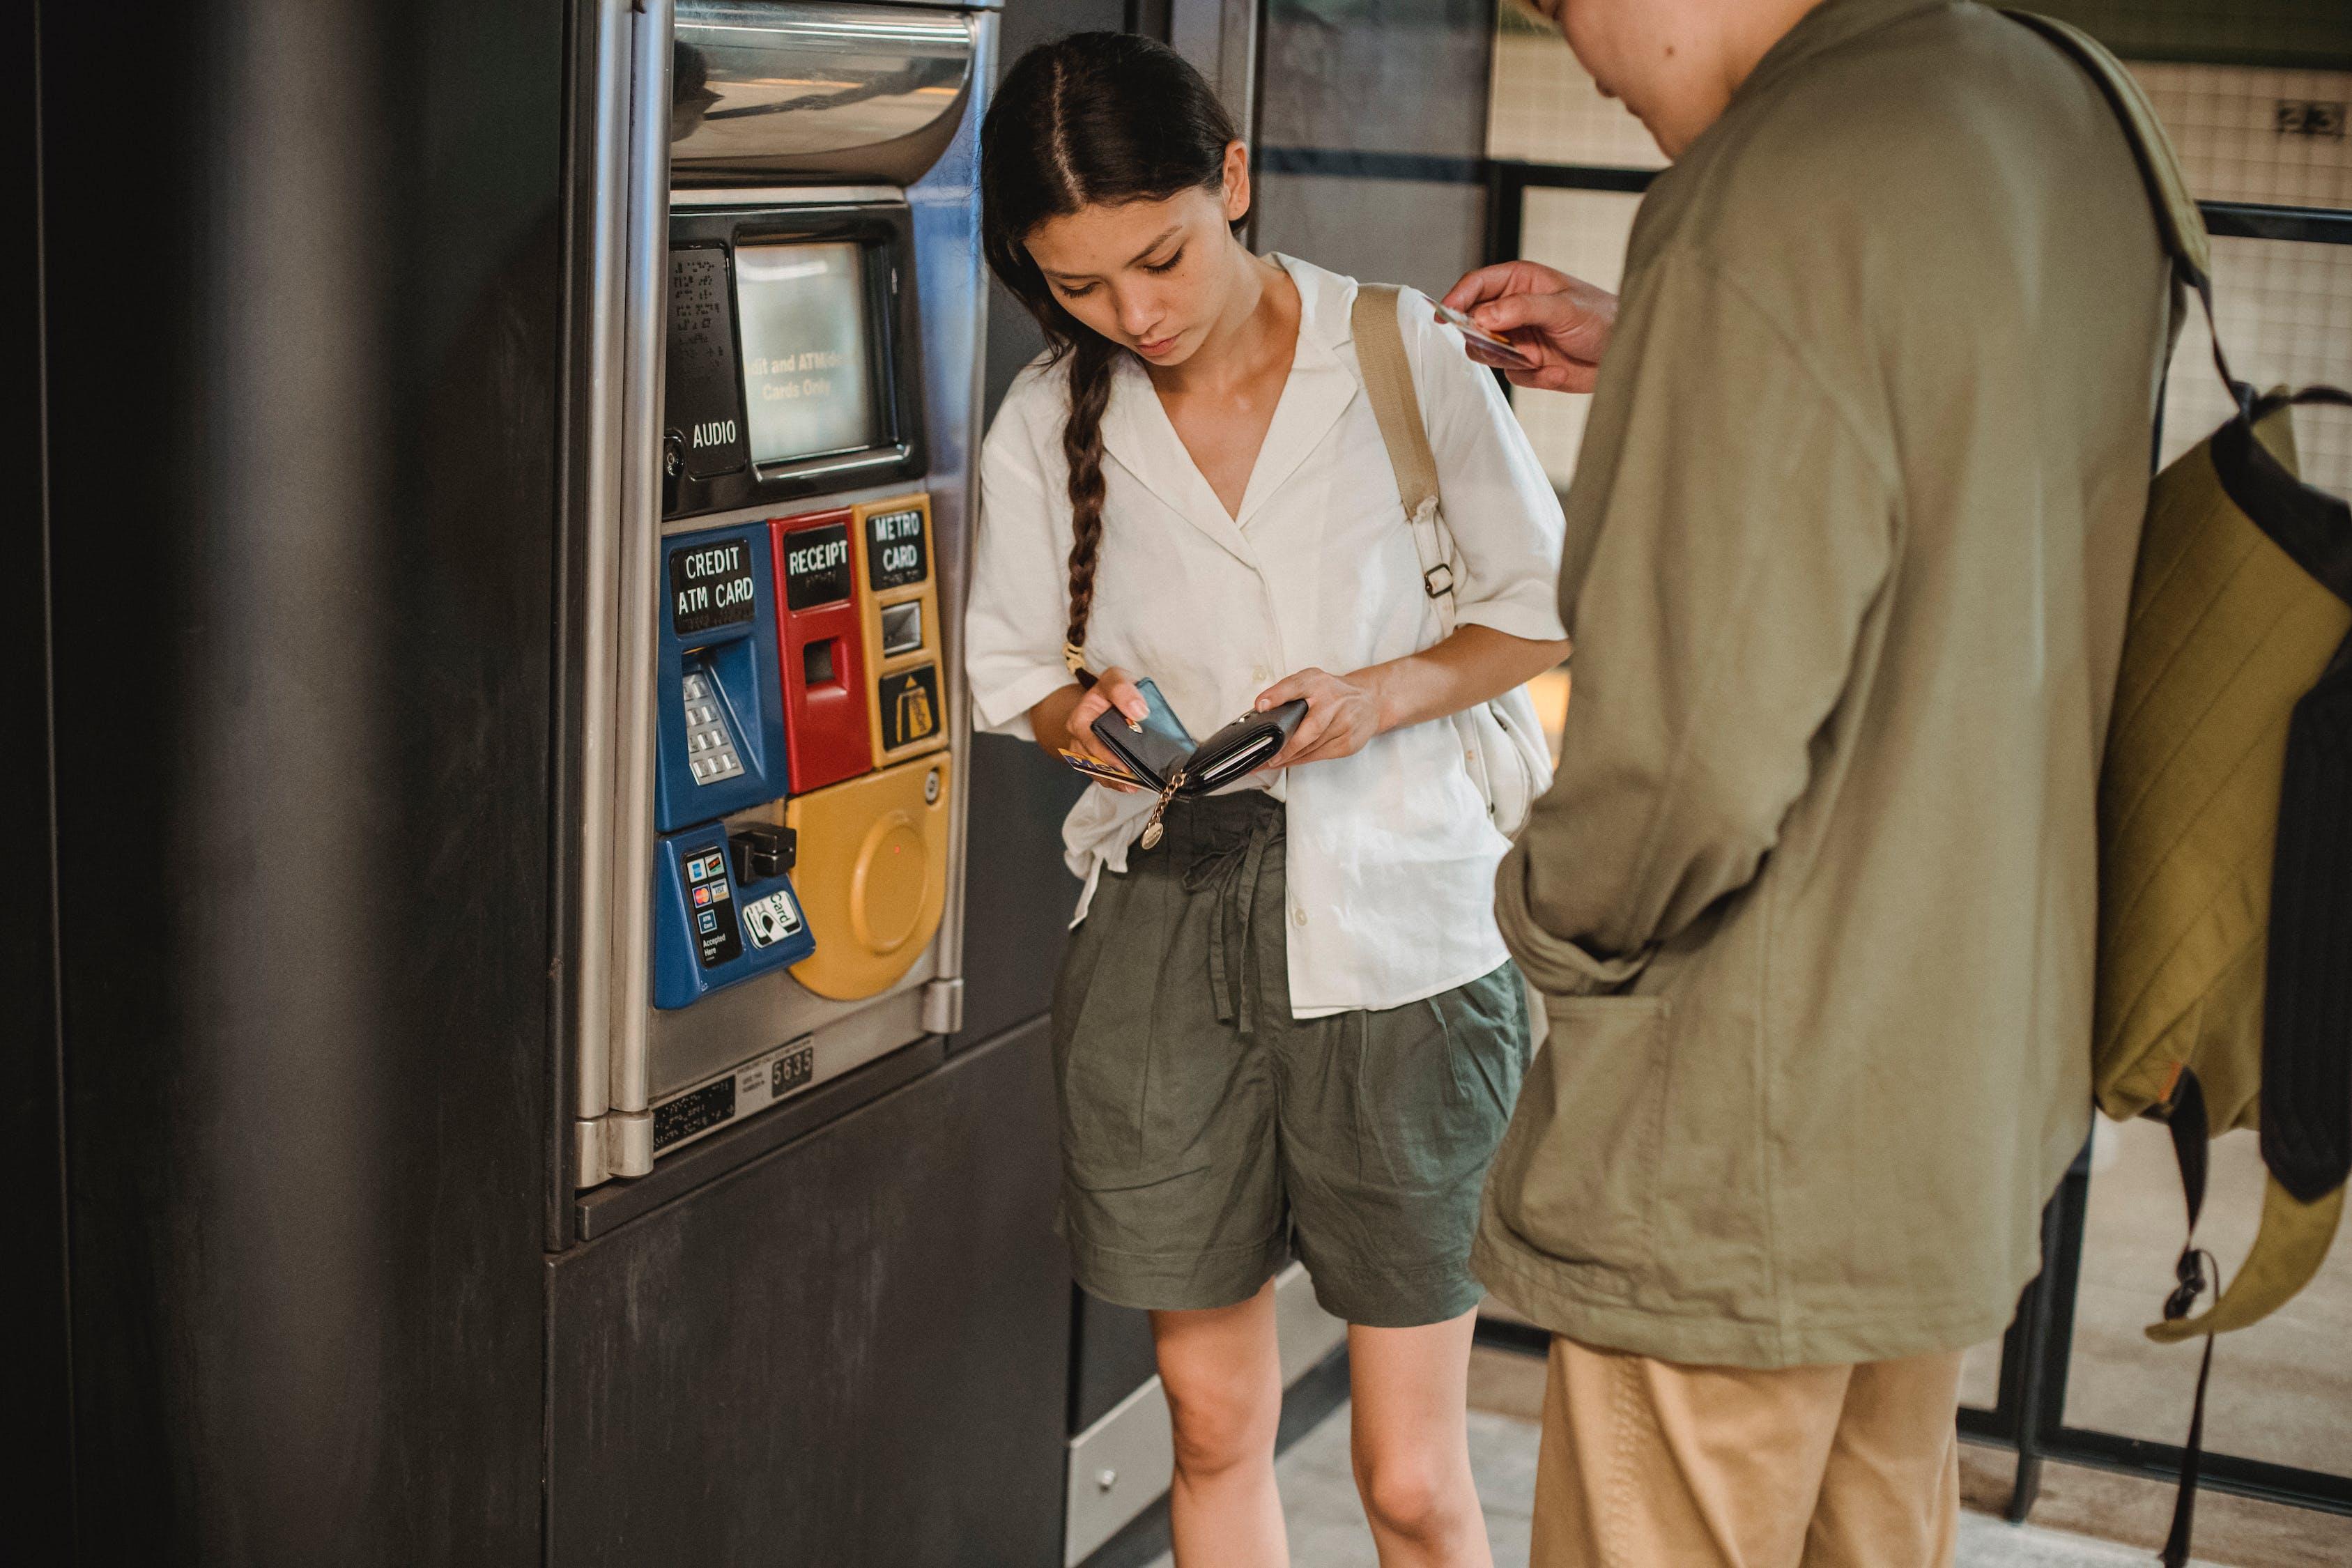 Transaksi Anda DITOLAK karena Pilihan Rekening Salah saat Ambil Uang di ATM BNI